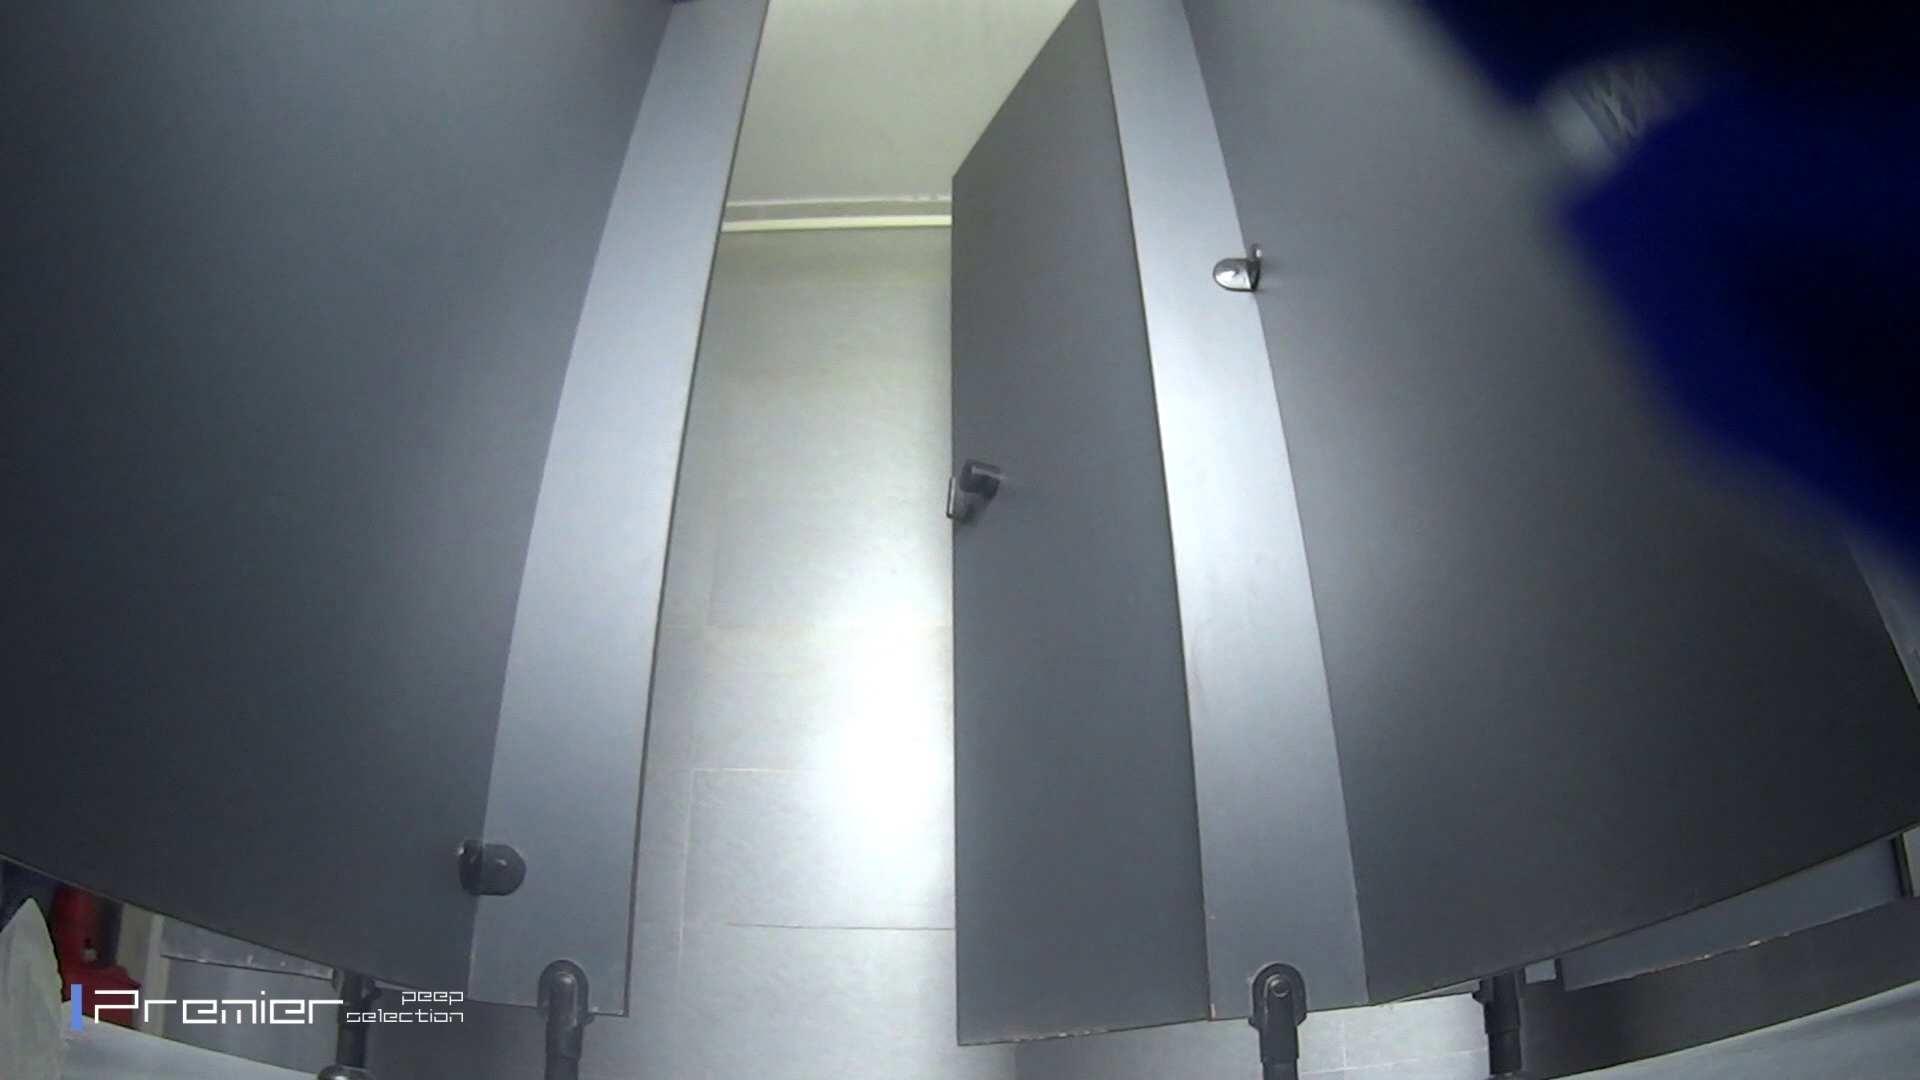 ツンデレお女市さんのトイレ事情 大学休憩時間の洗面所事情32 高画質動画 おめこ無修正動画無料 35画像 29